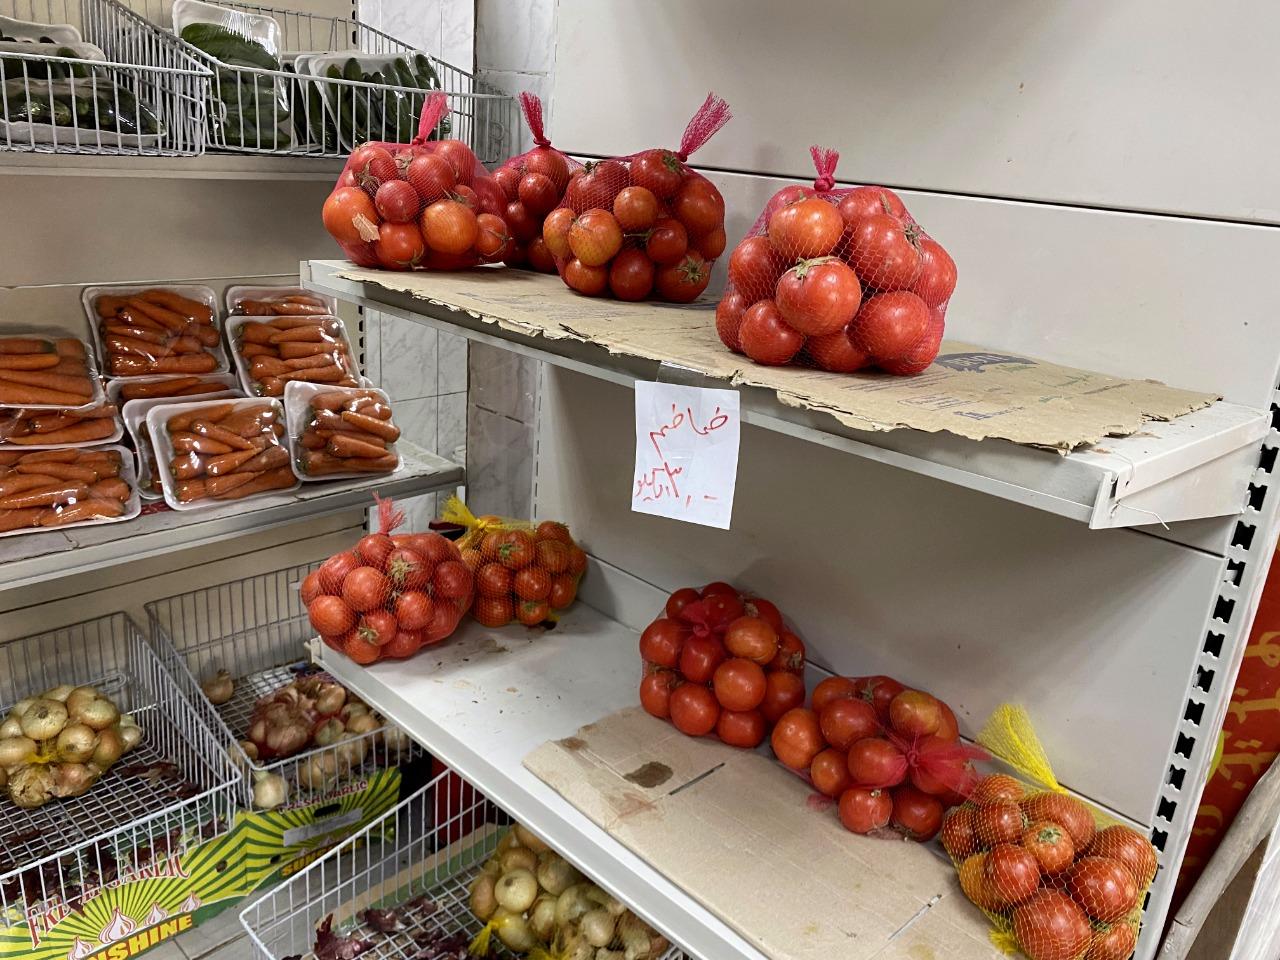 تخفيضات بمنتجات الخضراوات والفاكهة واللحوم والدواجن (10)